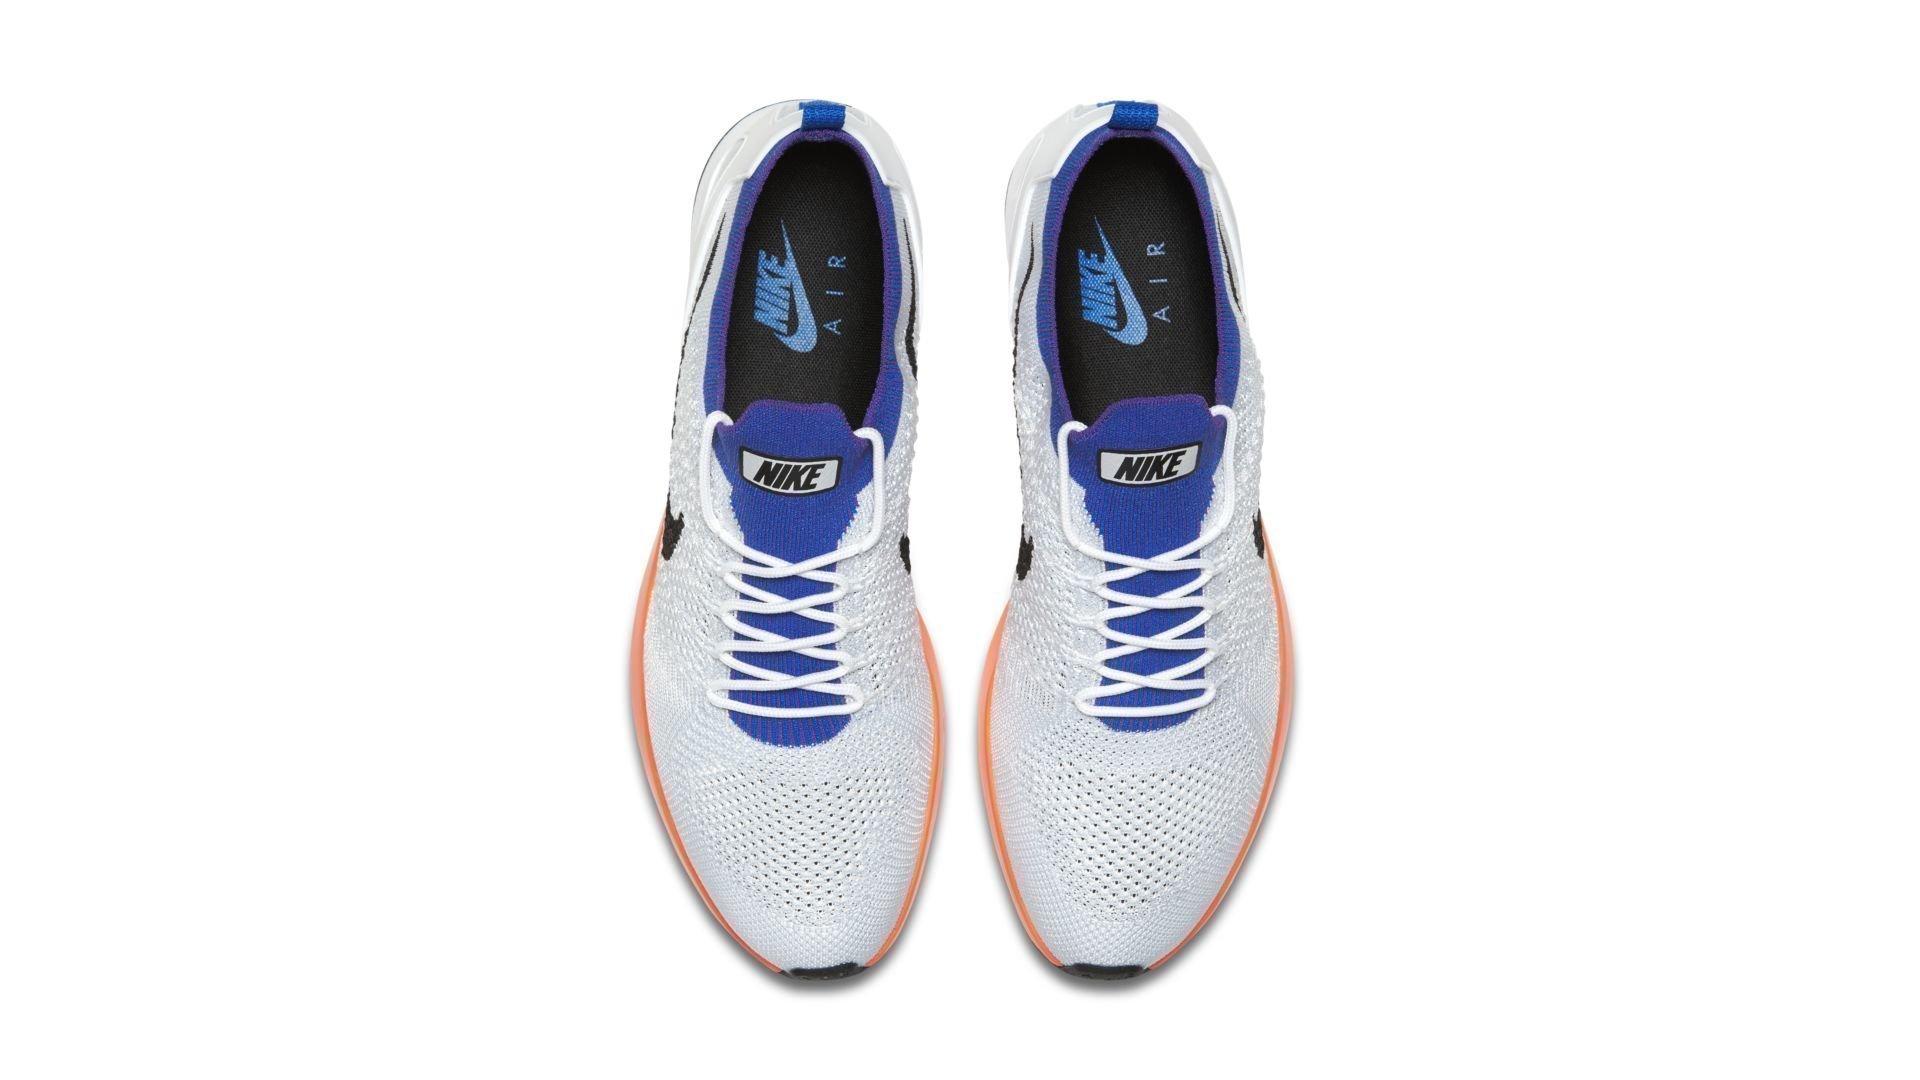 Nike Air Zoom Mariah Flyknit Racer White Hyper Grape (918264-100)